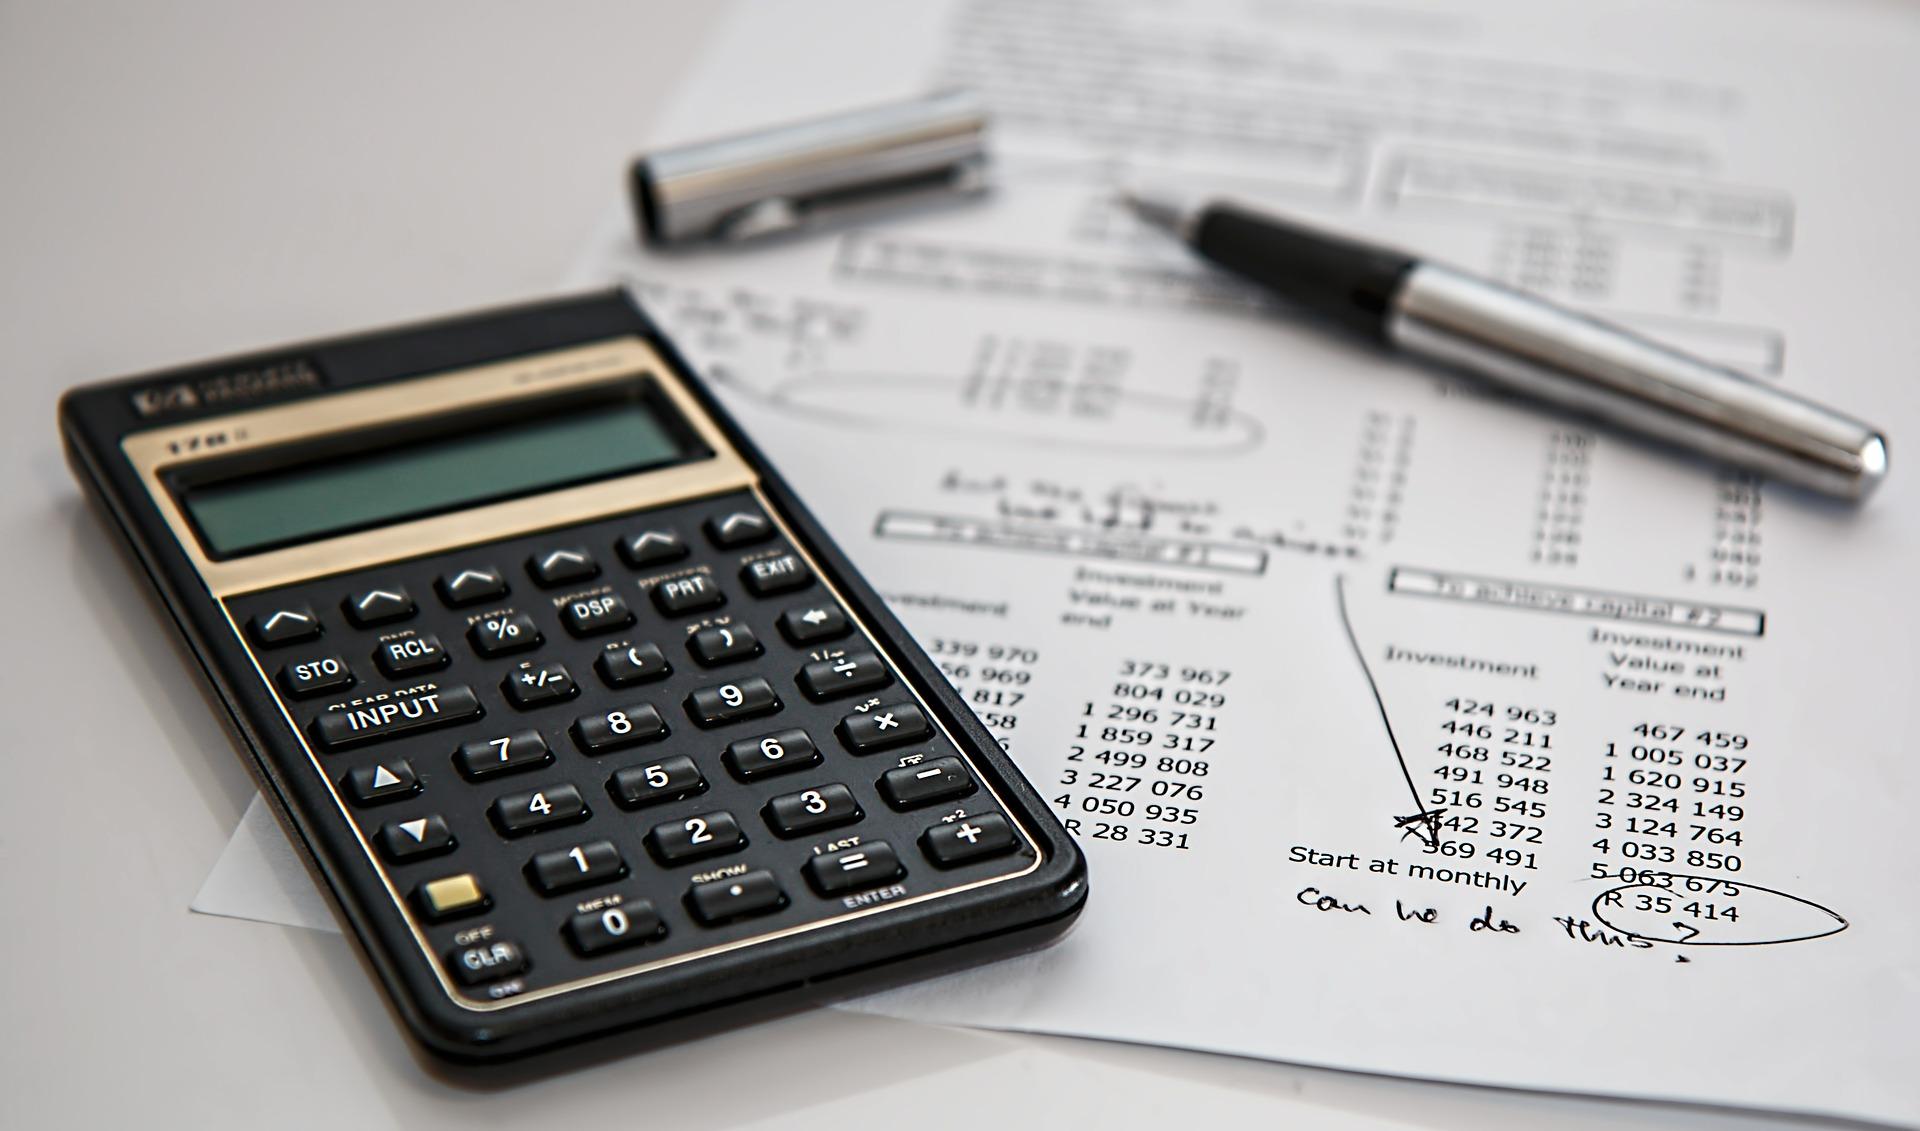 Taschenrechner, ein Stift und eine Liste mit Zahlen liegt auf einem Tisch.